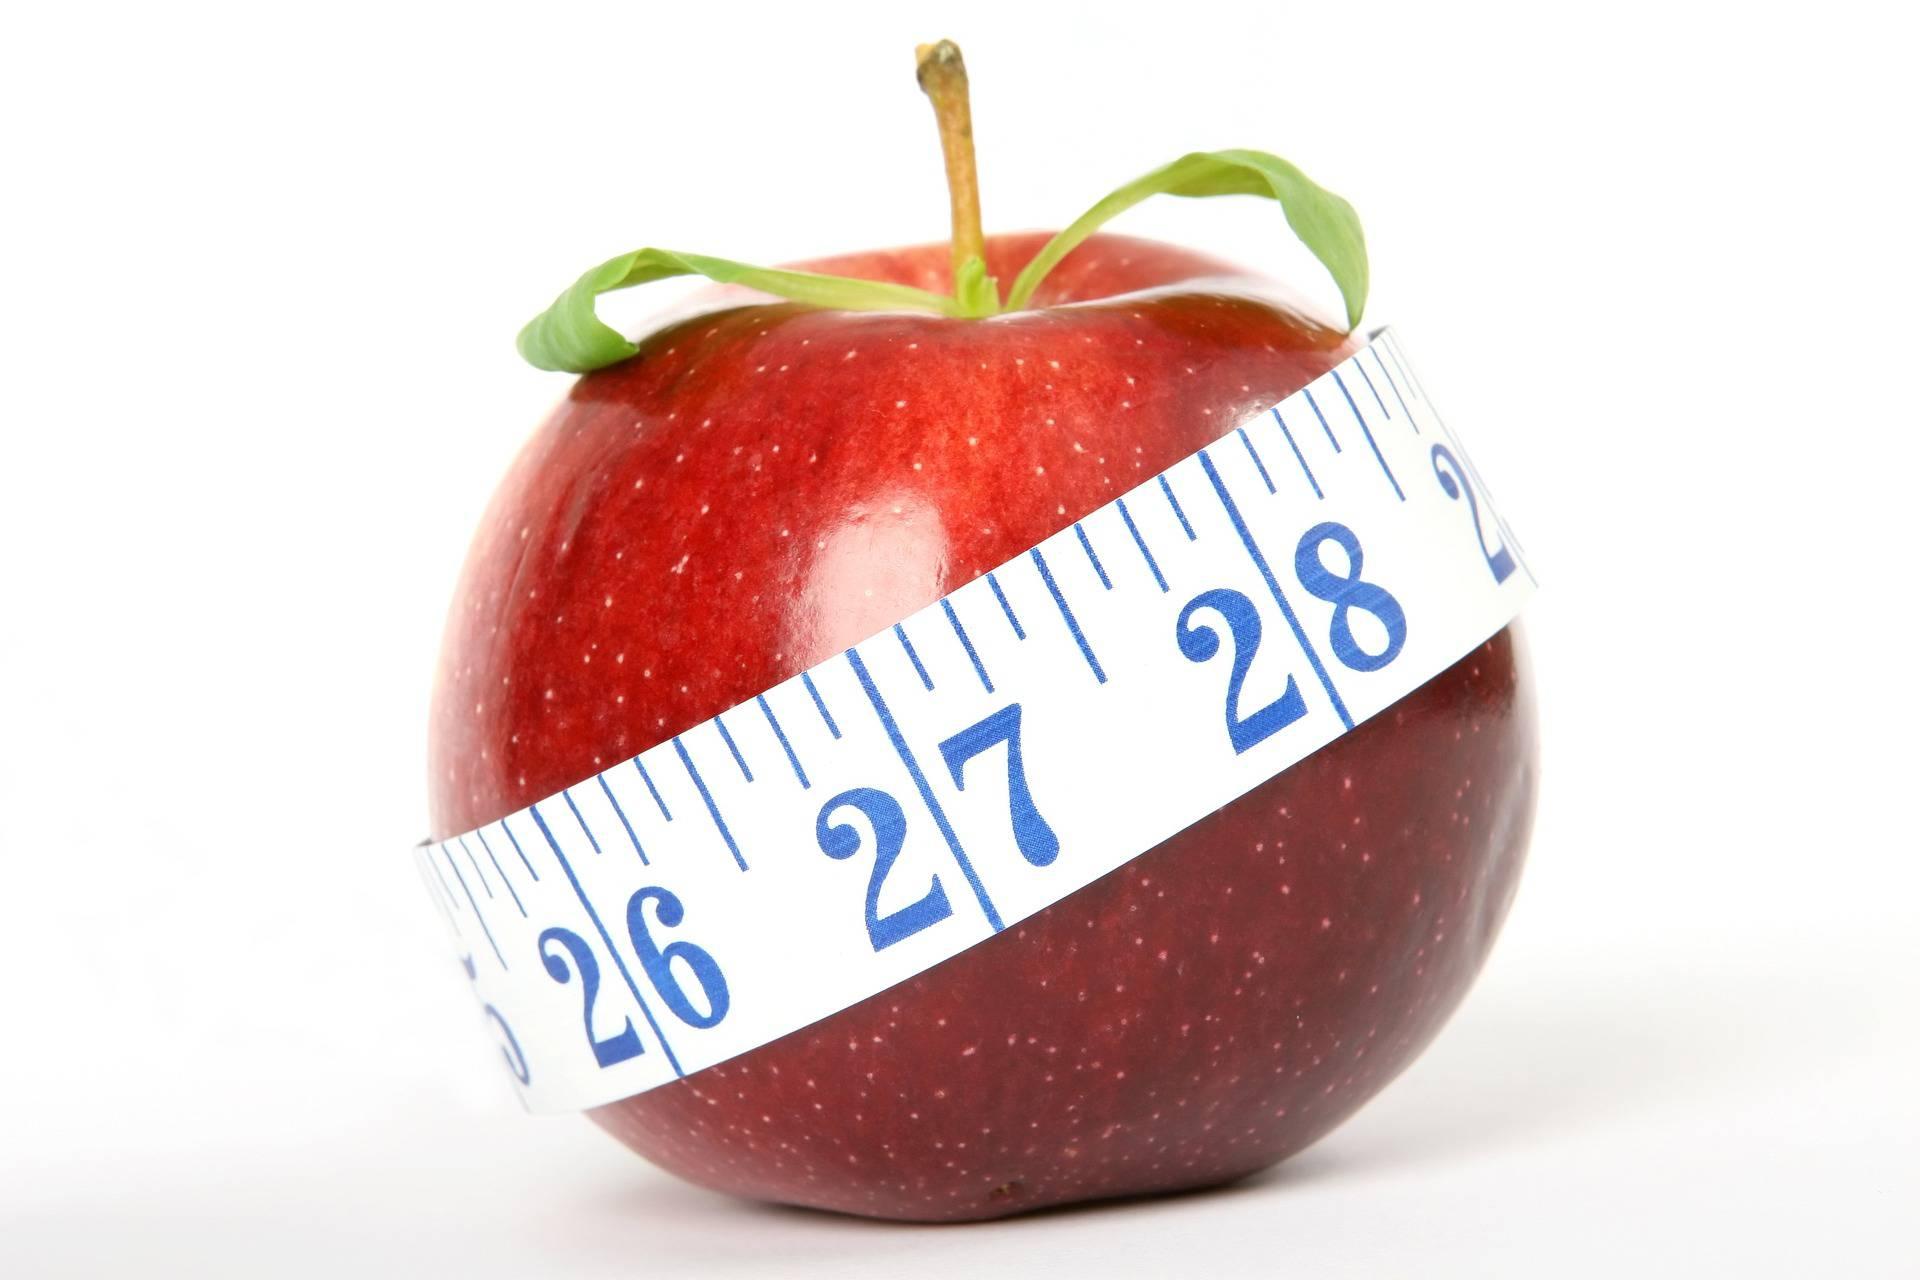 Diete Per Perdere Peso Velocemente Uomo : Dimagrire velocemente con la dieta dei giorni